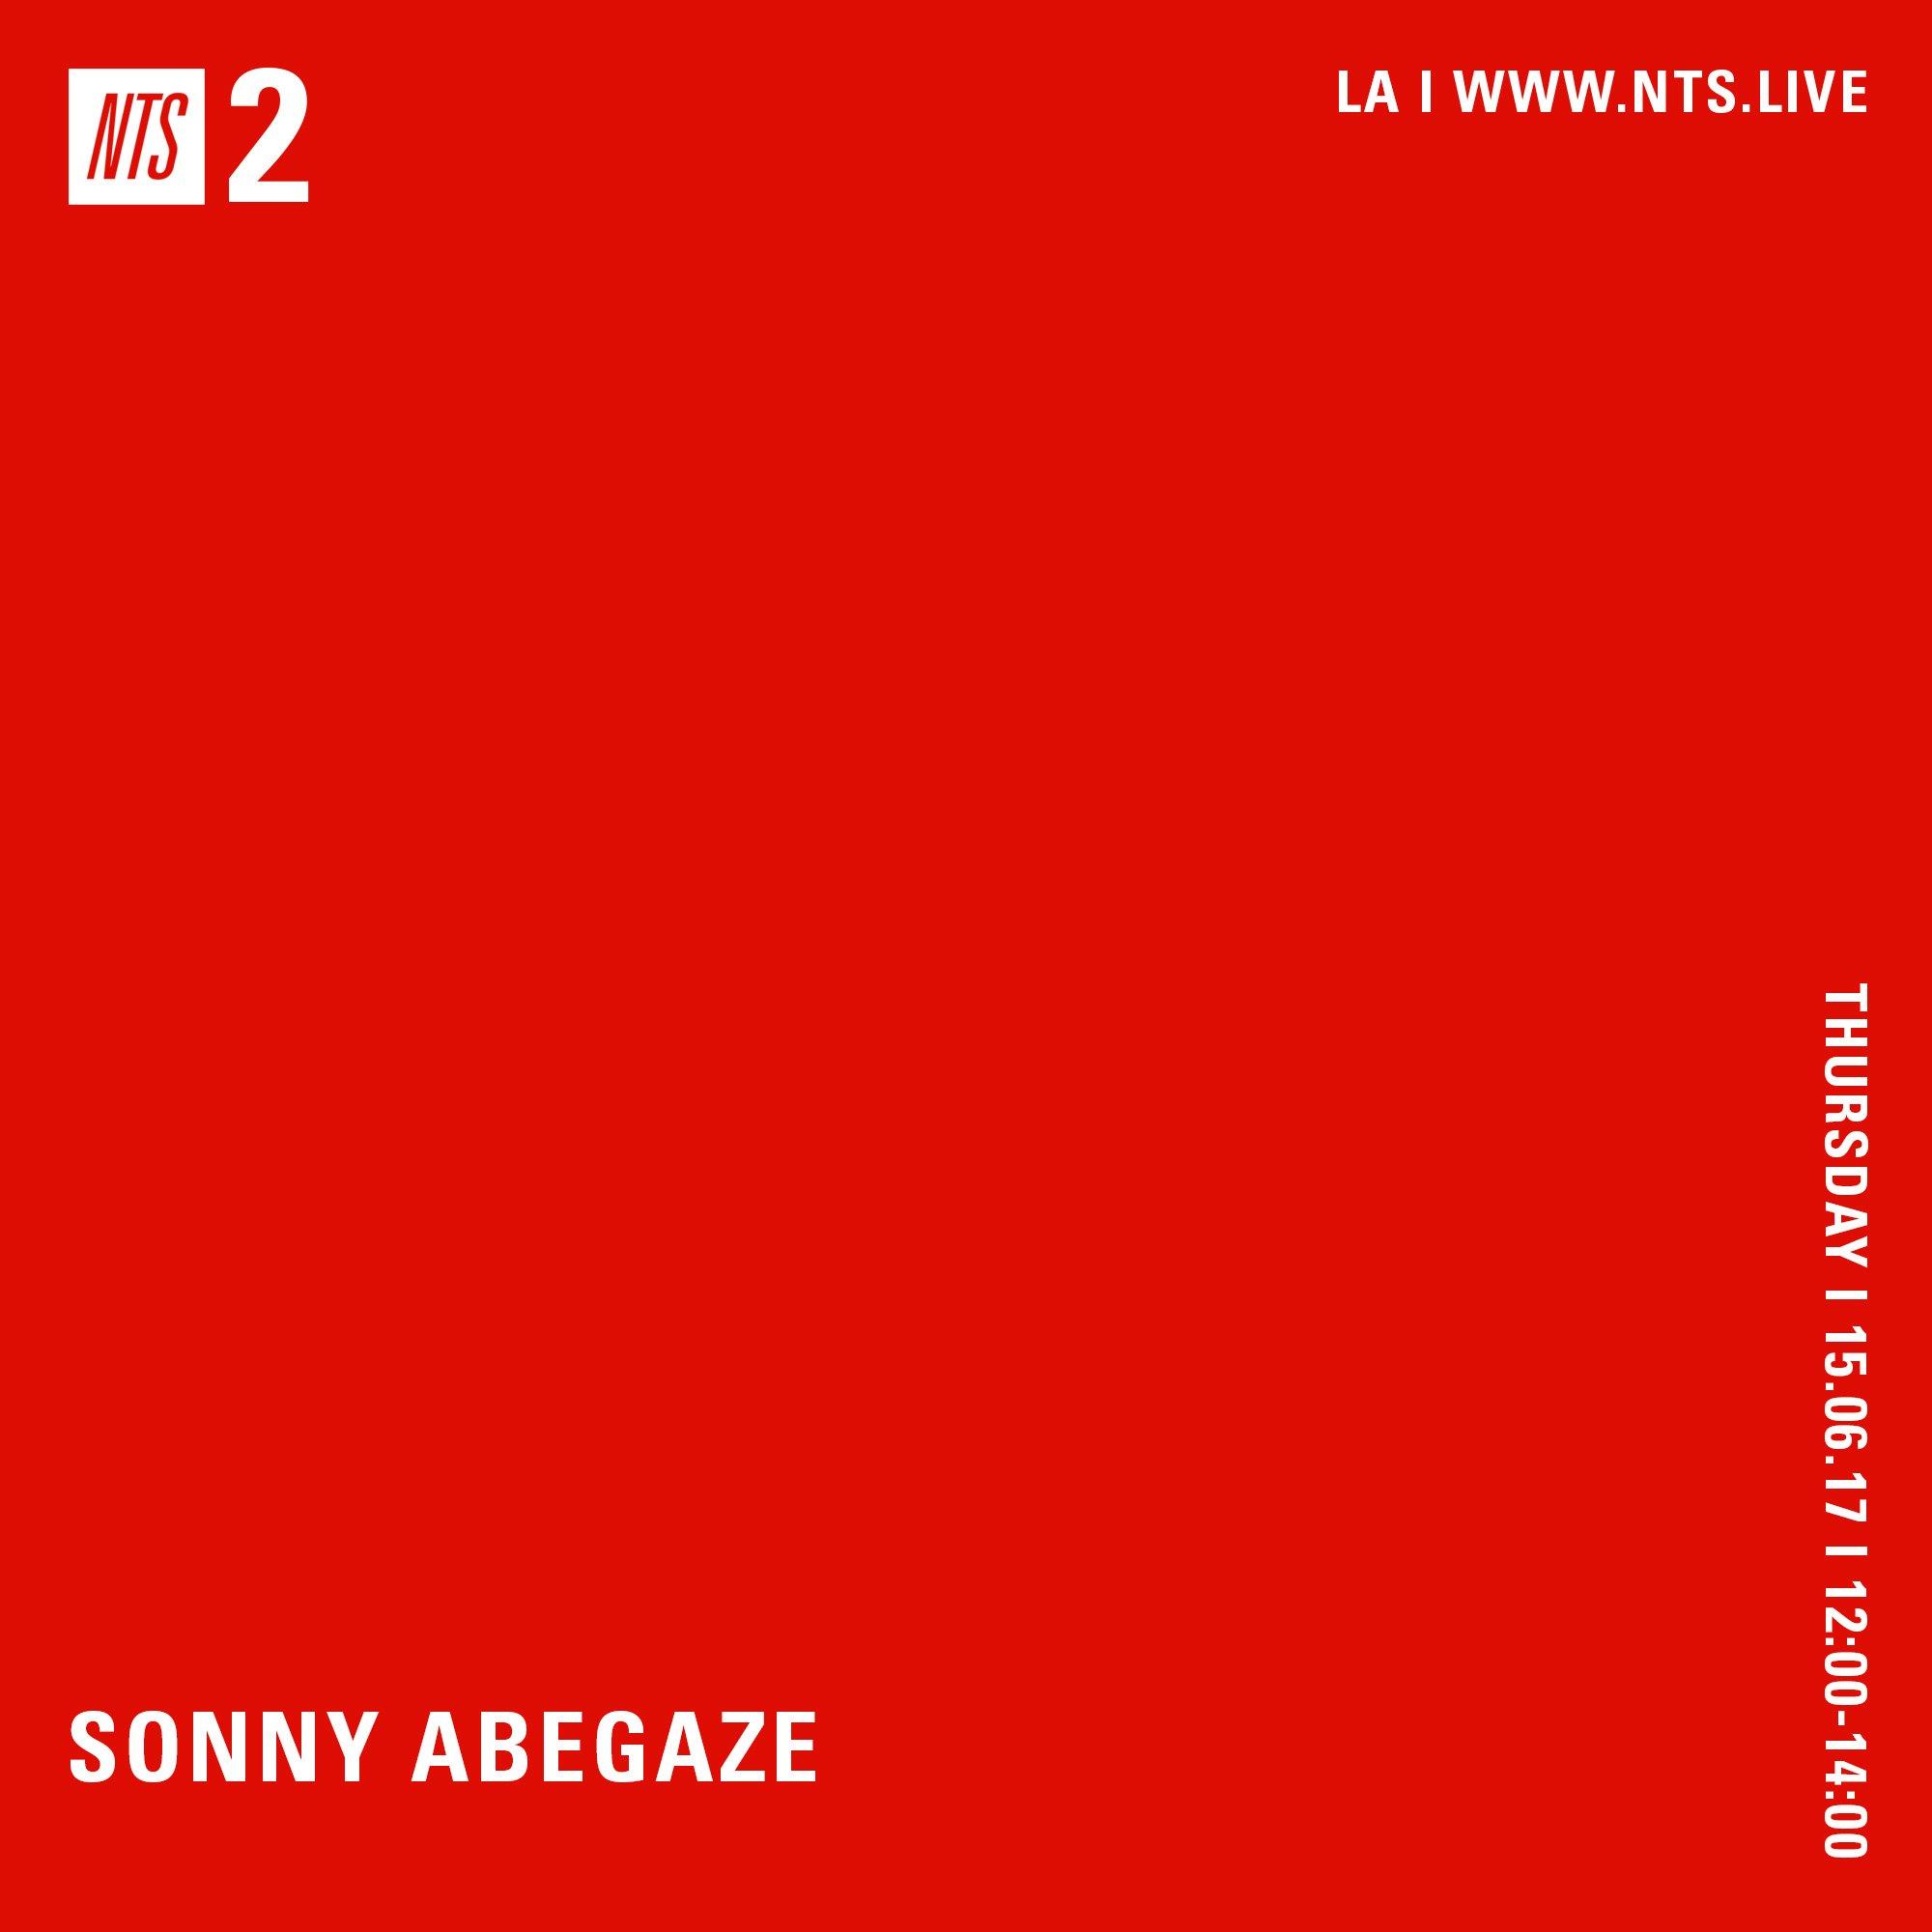 Sonny abegaze